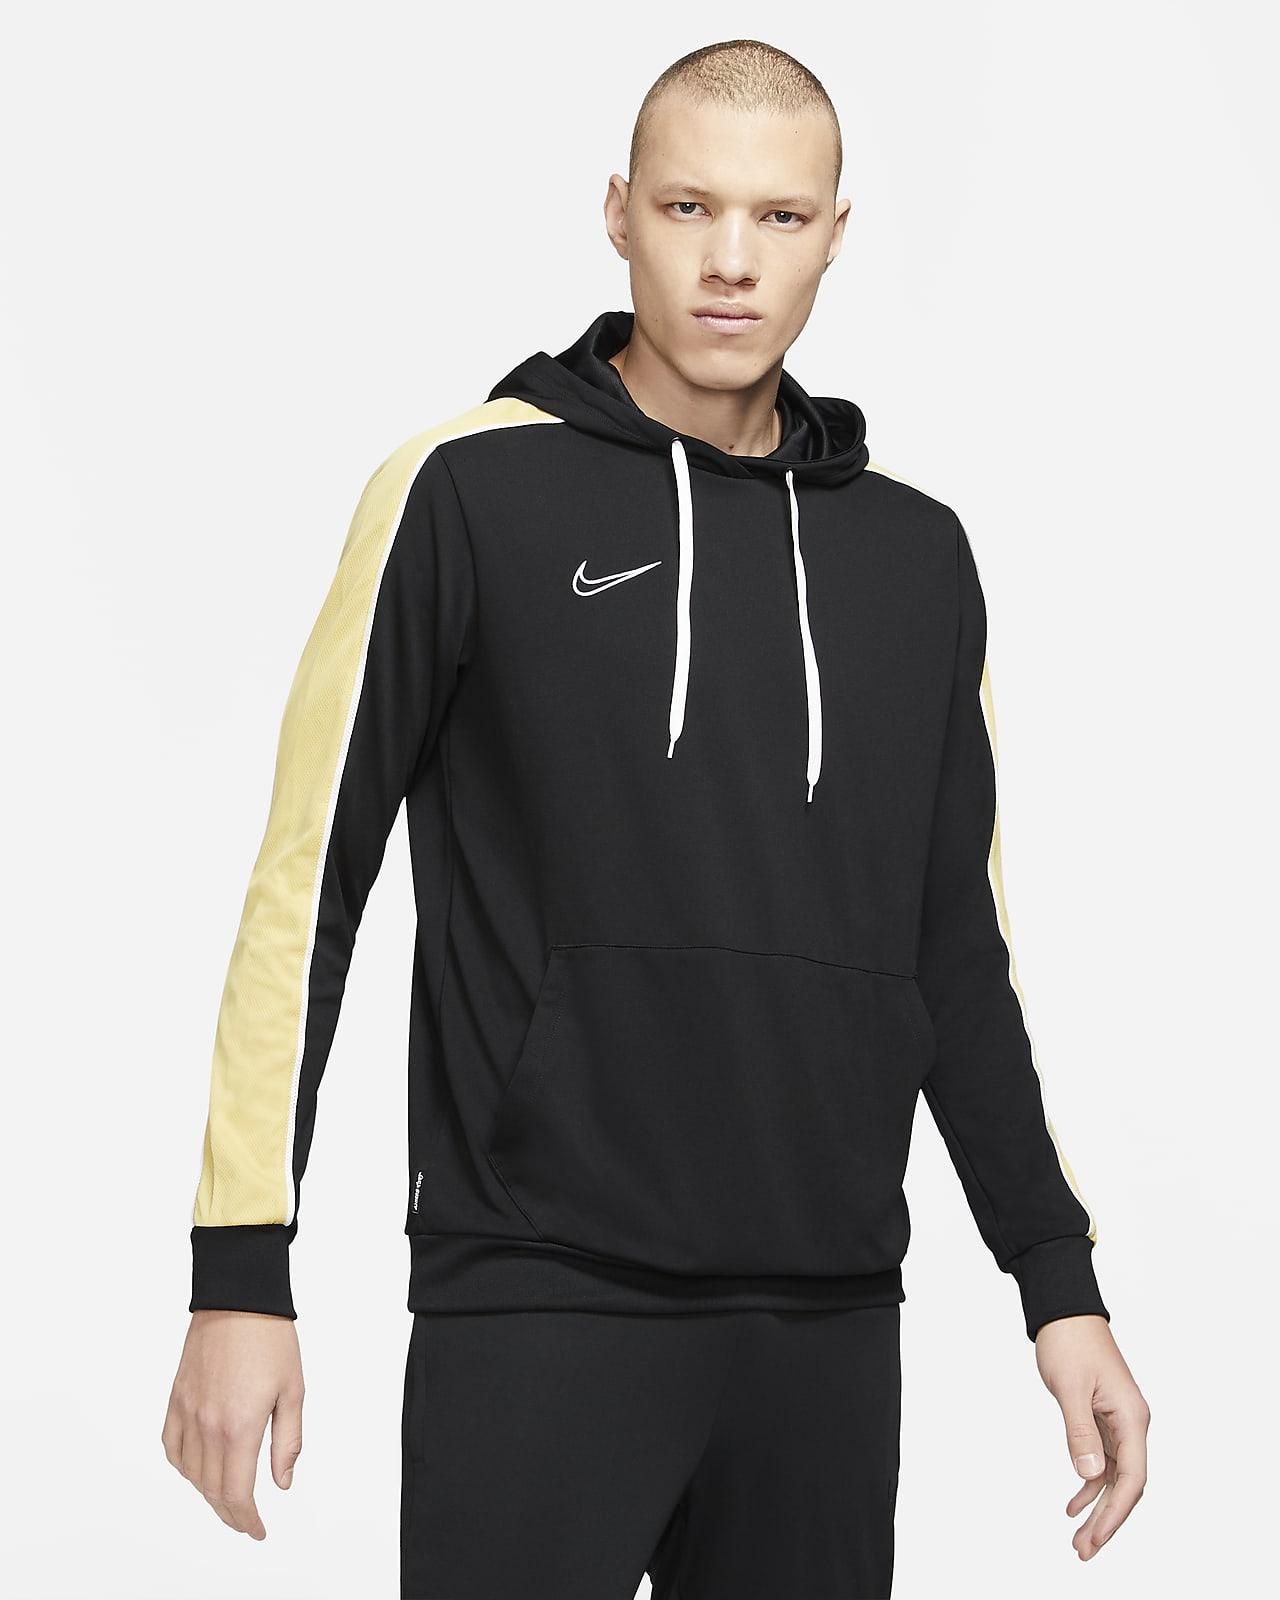 Felpa pullover da calcio con cappuccio Nike Dri-FIT Academy - Uomo